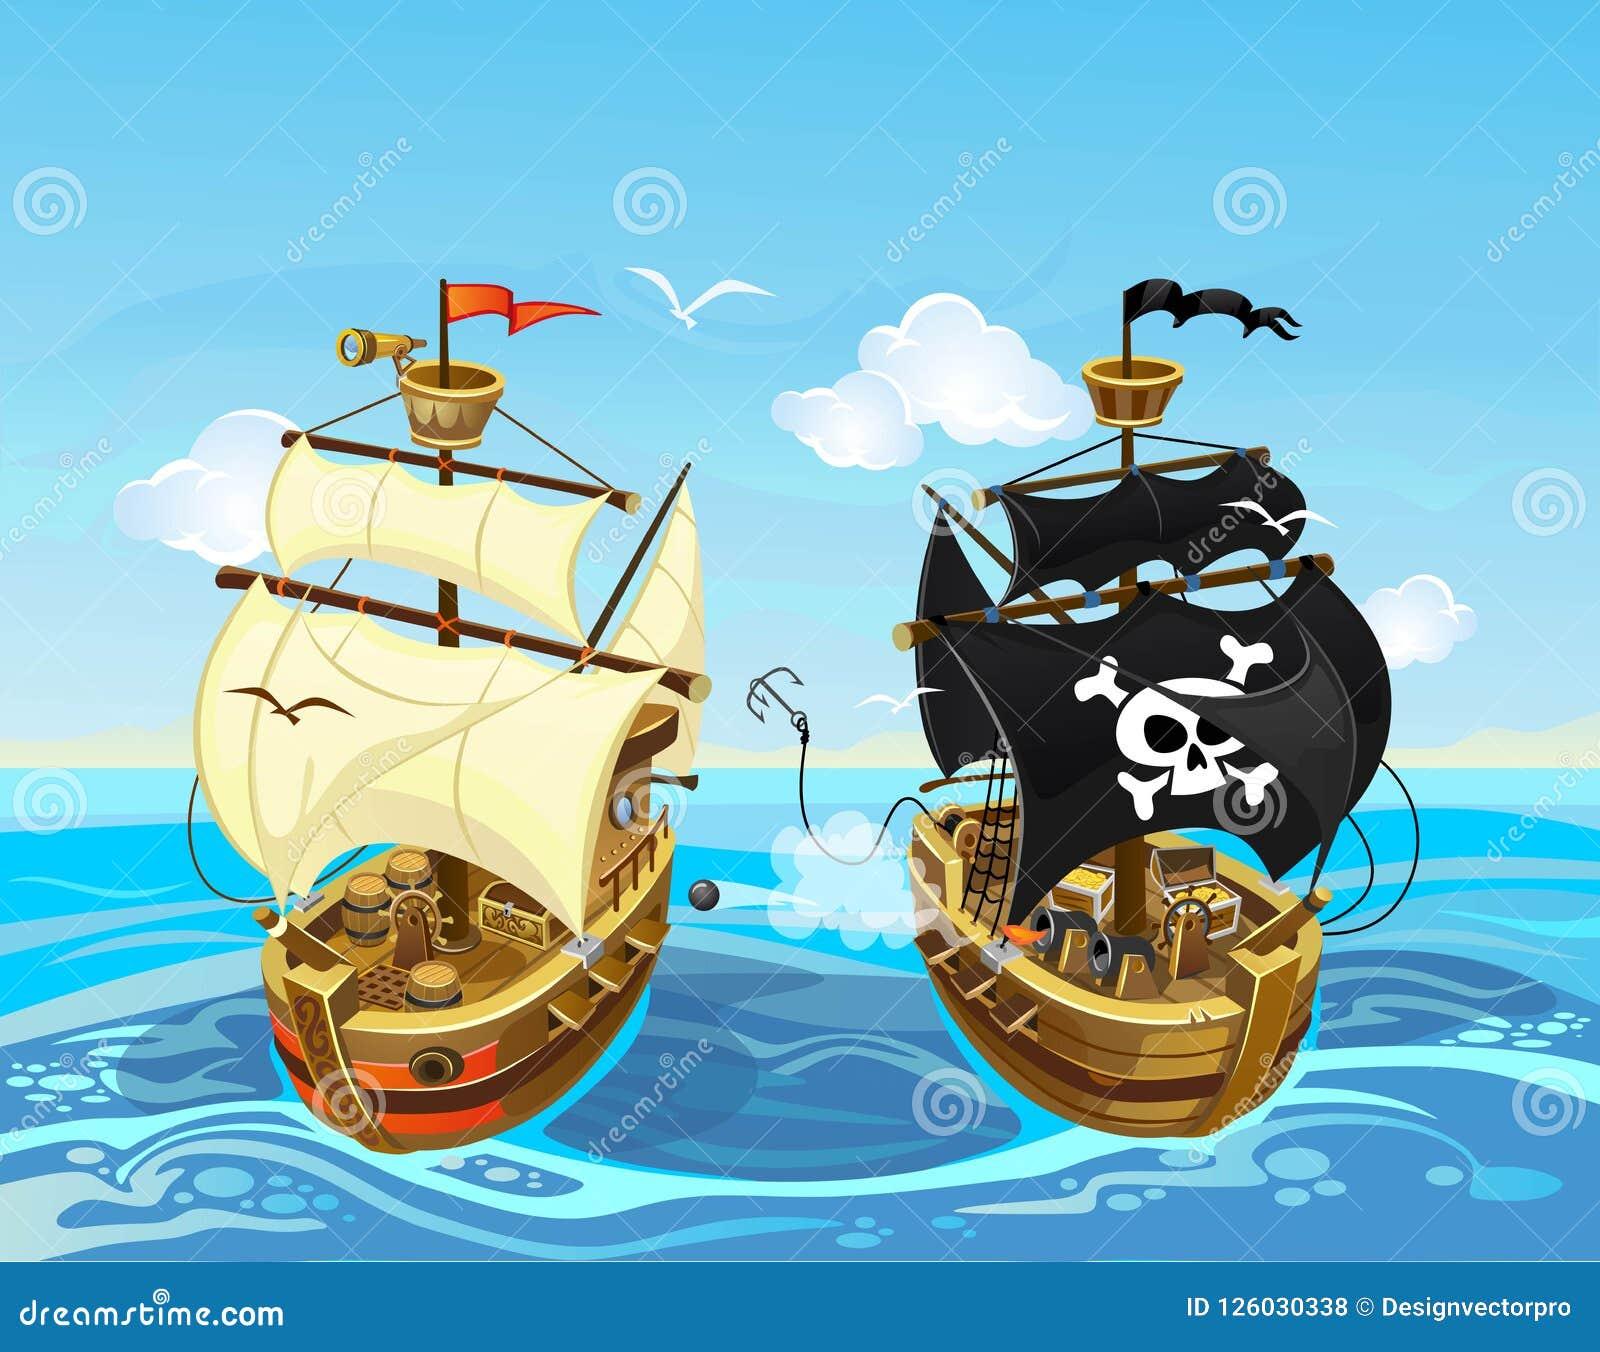 illustration-color%C3%A9e-avec-la-bataille-de-bateau-pirate-en-mer-vecteur-126030338.jpg